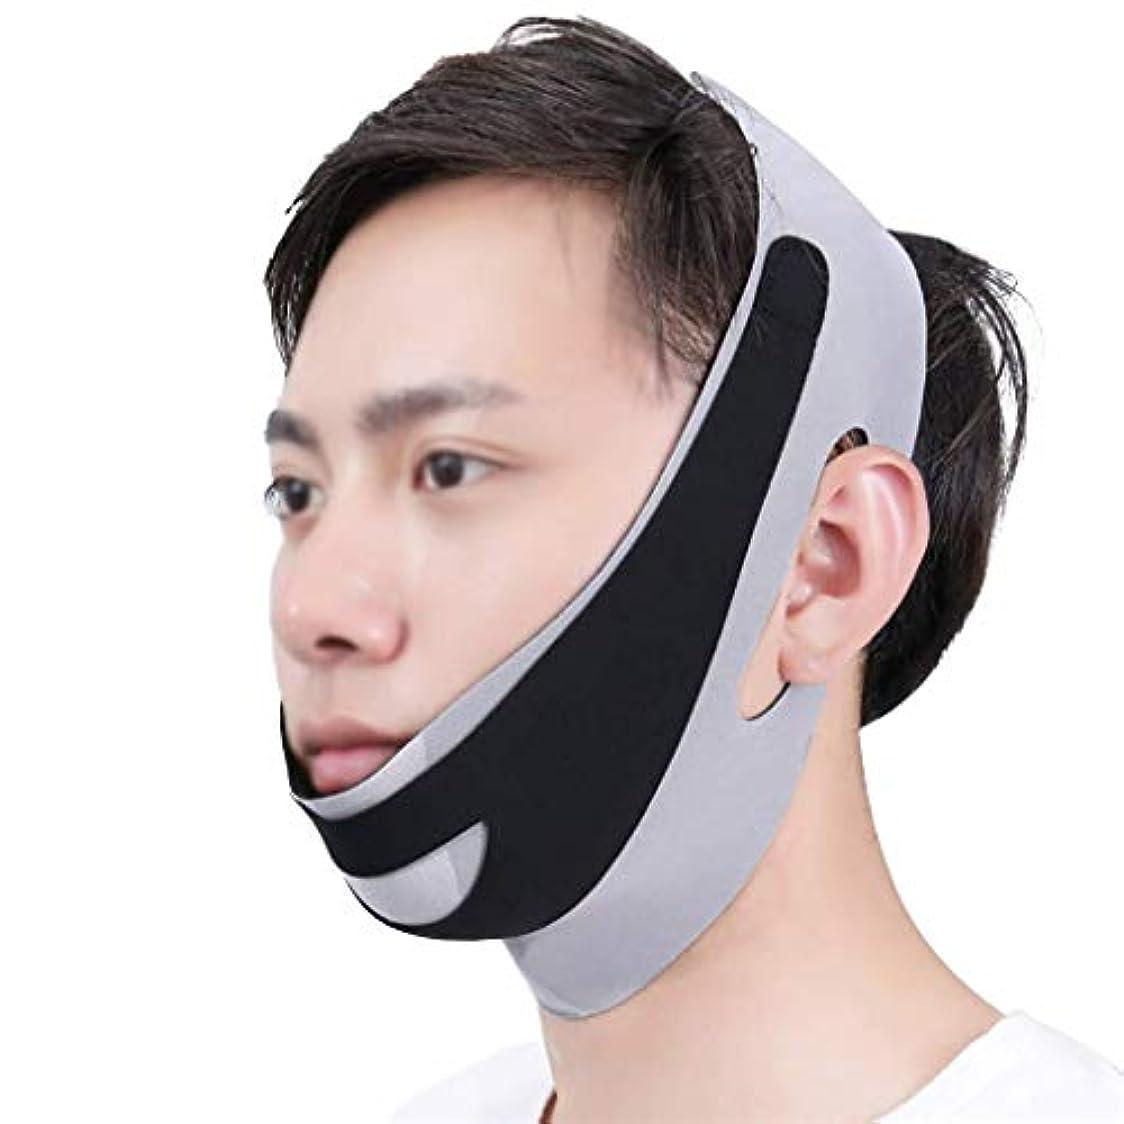 成熟した反対語顔と首のリフト術後弾性顔マスク小V顔アーティファクト薄い顔包帯アーティファクトV顔吊り耳リフティング引き締め男性の顔アーティファクト